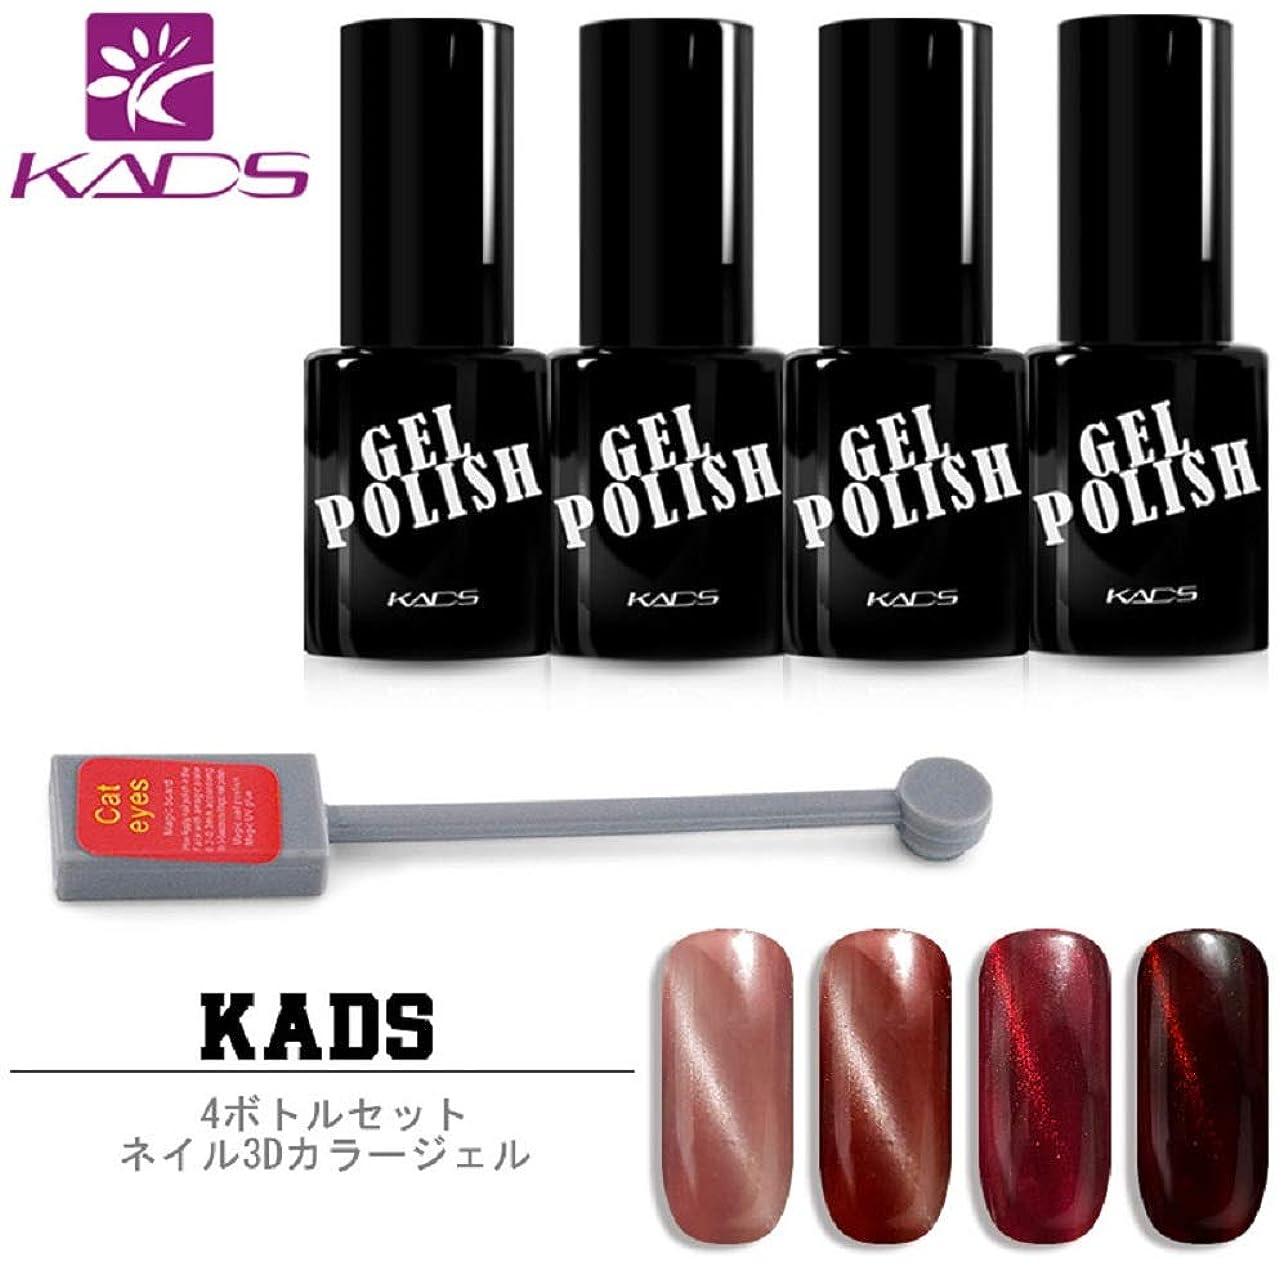 請うレザー量でKADS 猫目カラージェル キャッツアイジェル 4色セット ピンク/ワイン UV/LED対応 マグネット 磁石付き マニキュアセット (セット3)